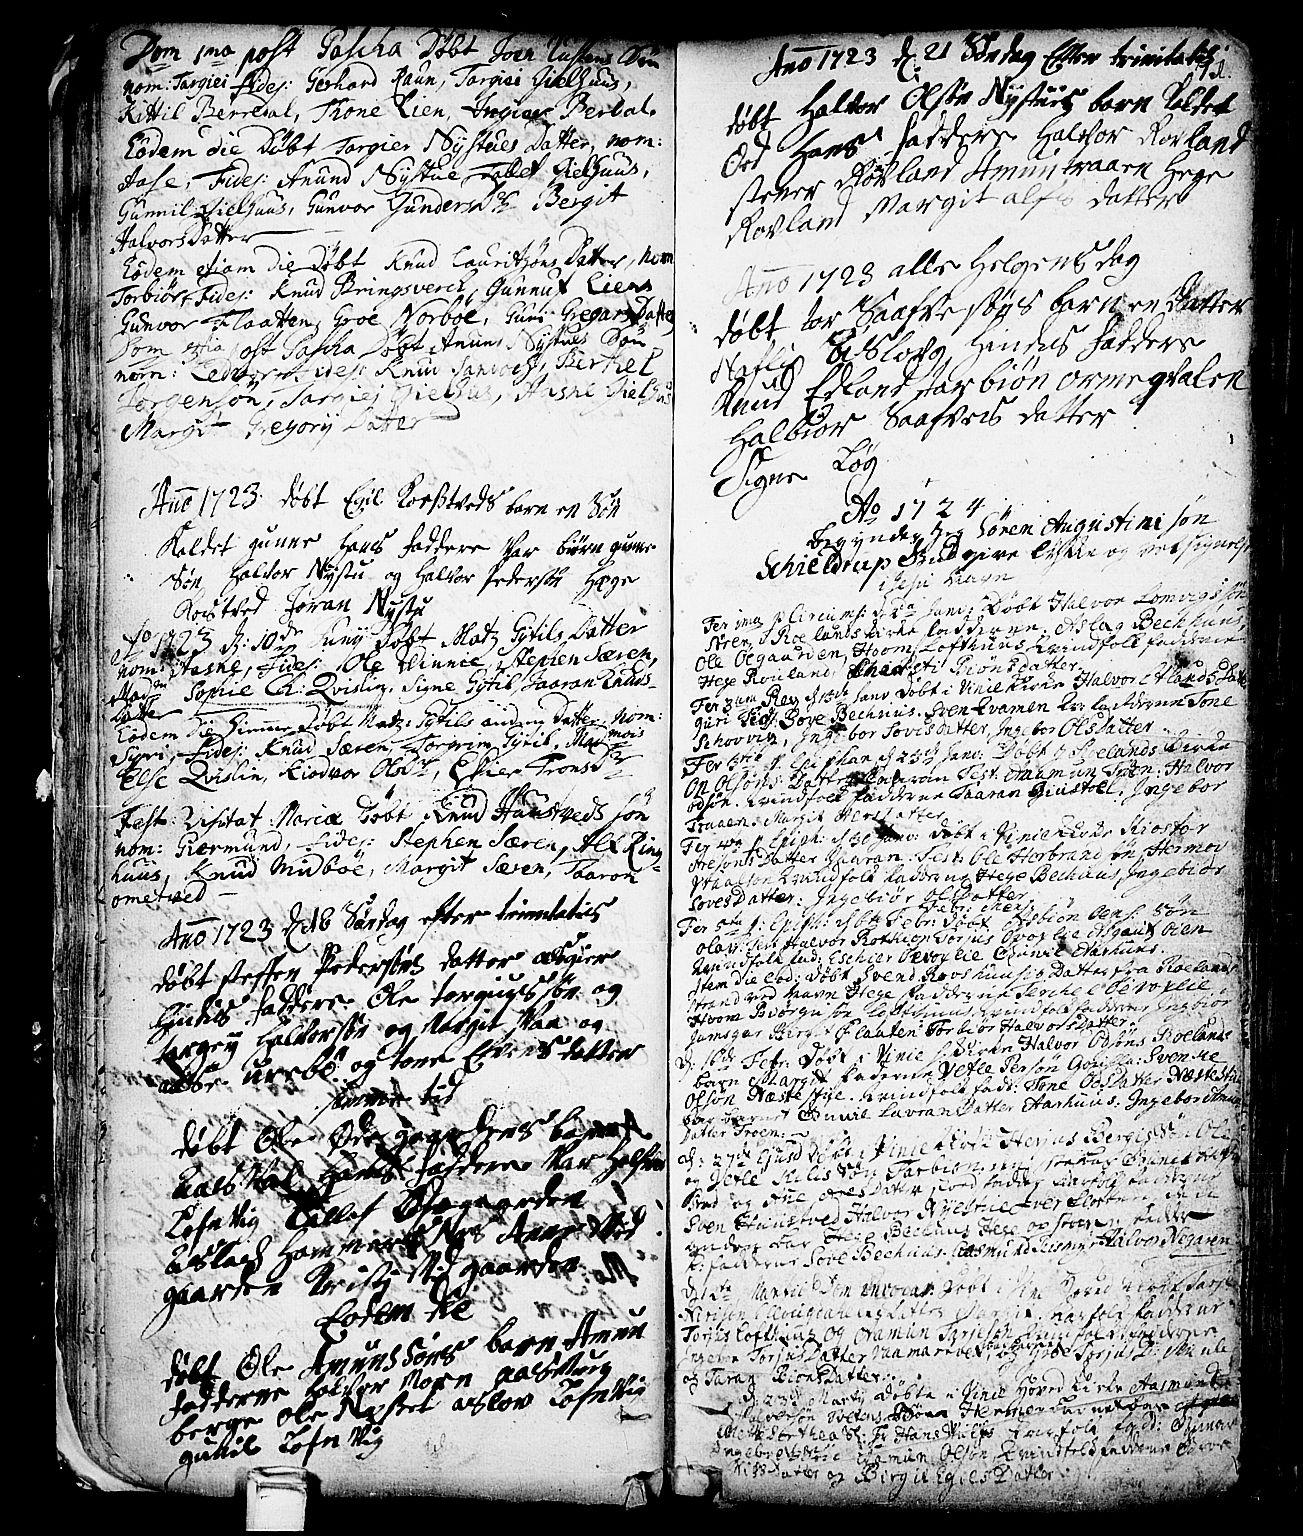 SAKO, Vinje kirkebøker, F/Fa/L0001: Ministerialbok nr. I 1, 1717-1766, s. 71